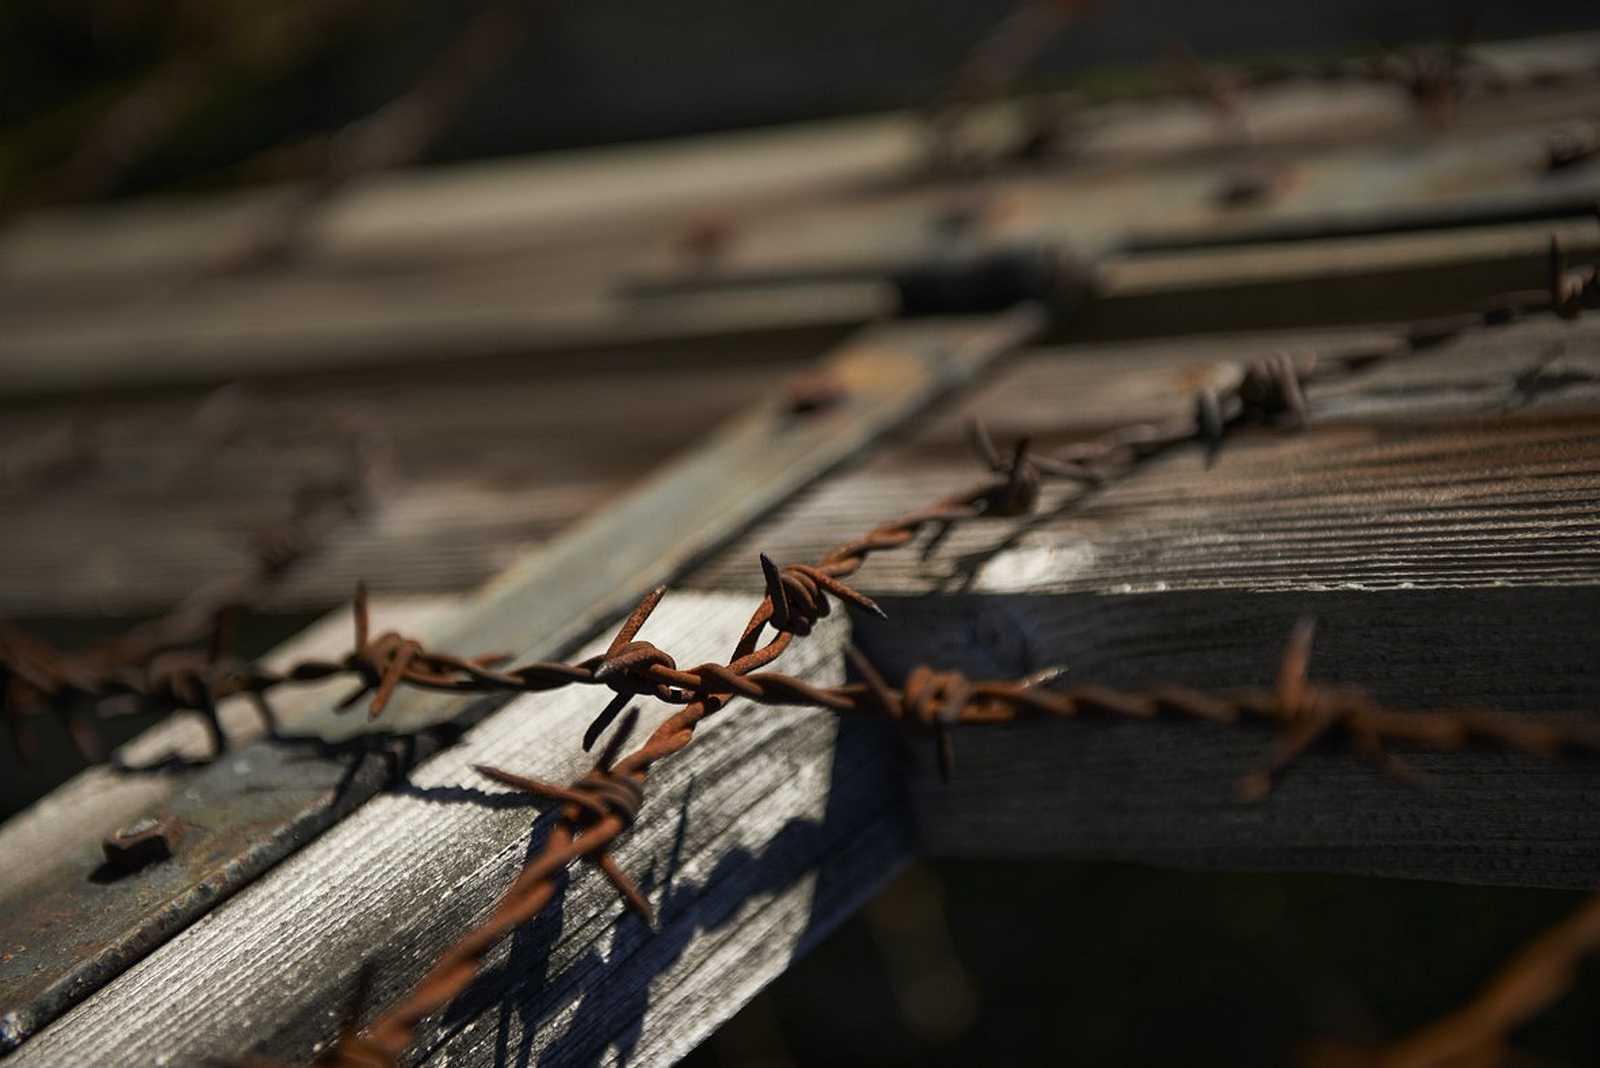 Centre européen du résistant déporté / Site de l'ancien camp de concentration de Natzweiler-Struthof